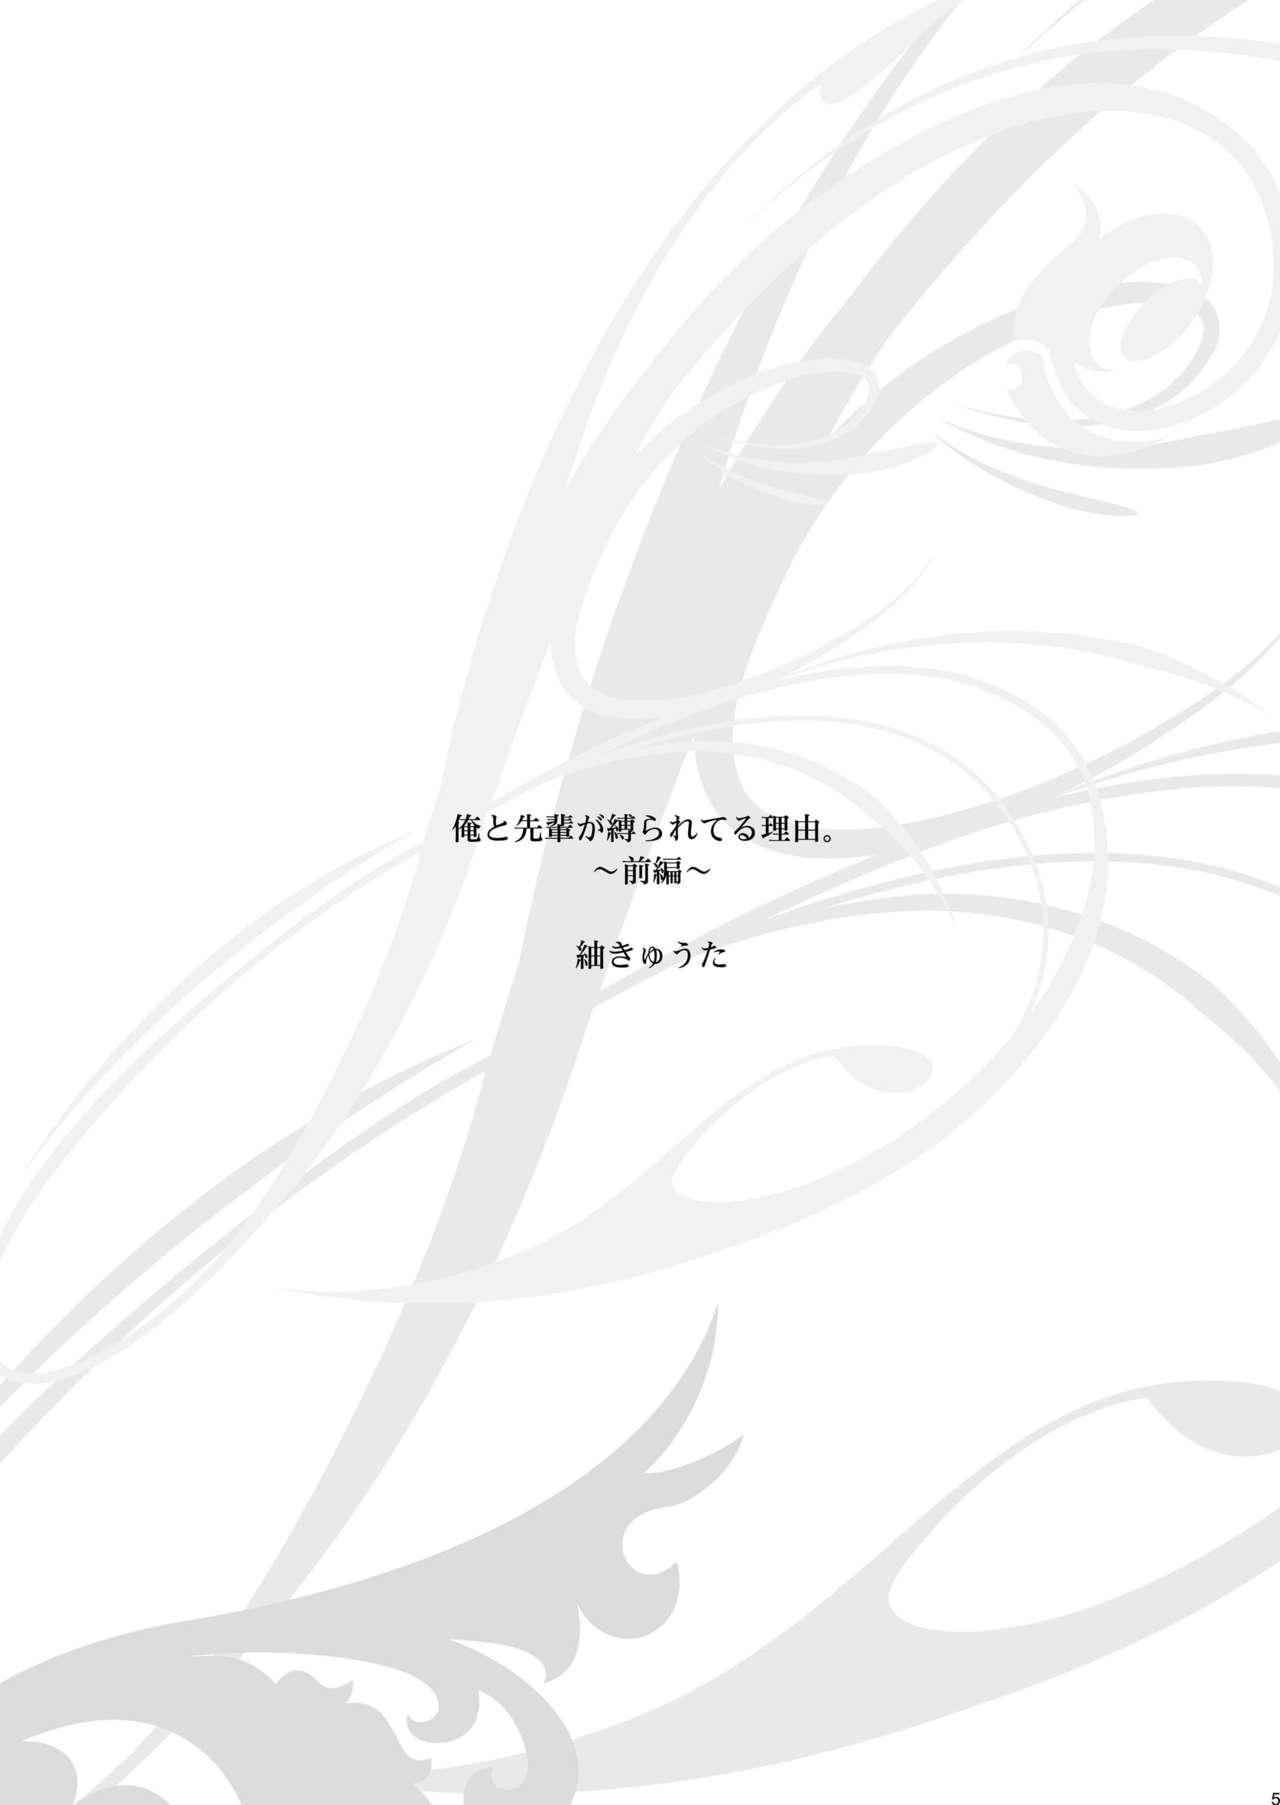 Ore to Senpai ga Shibarateru Wake. 4